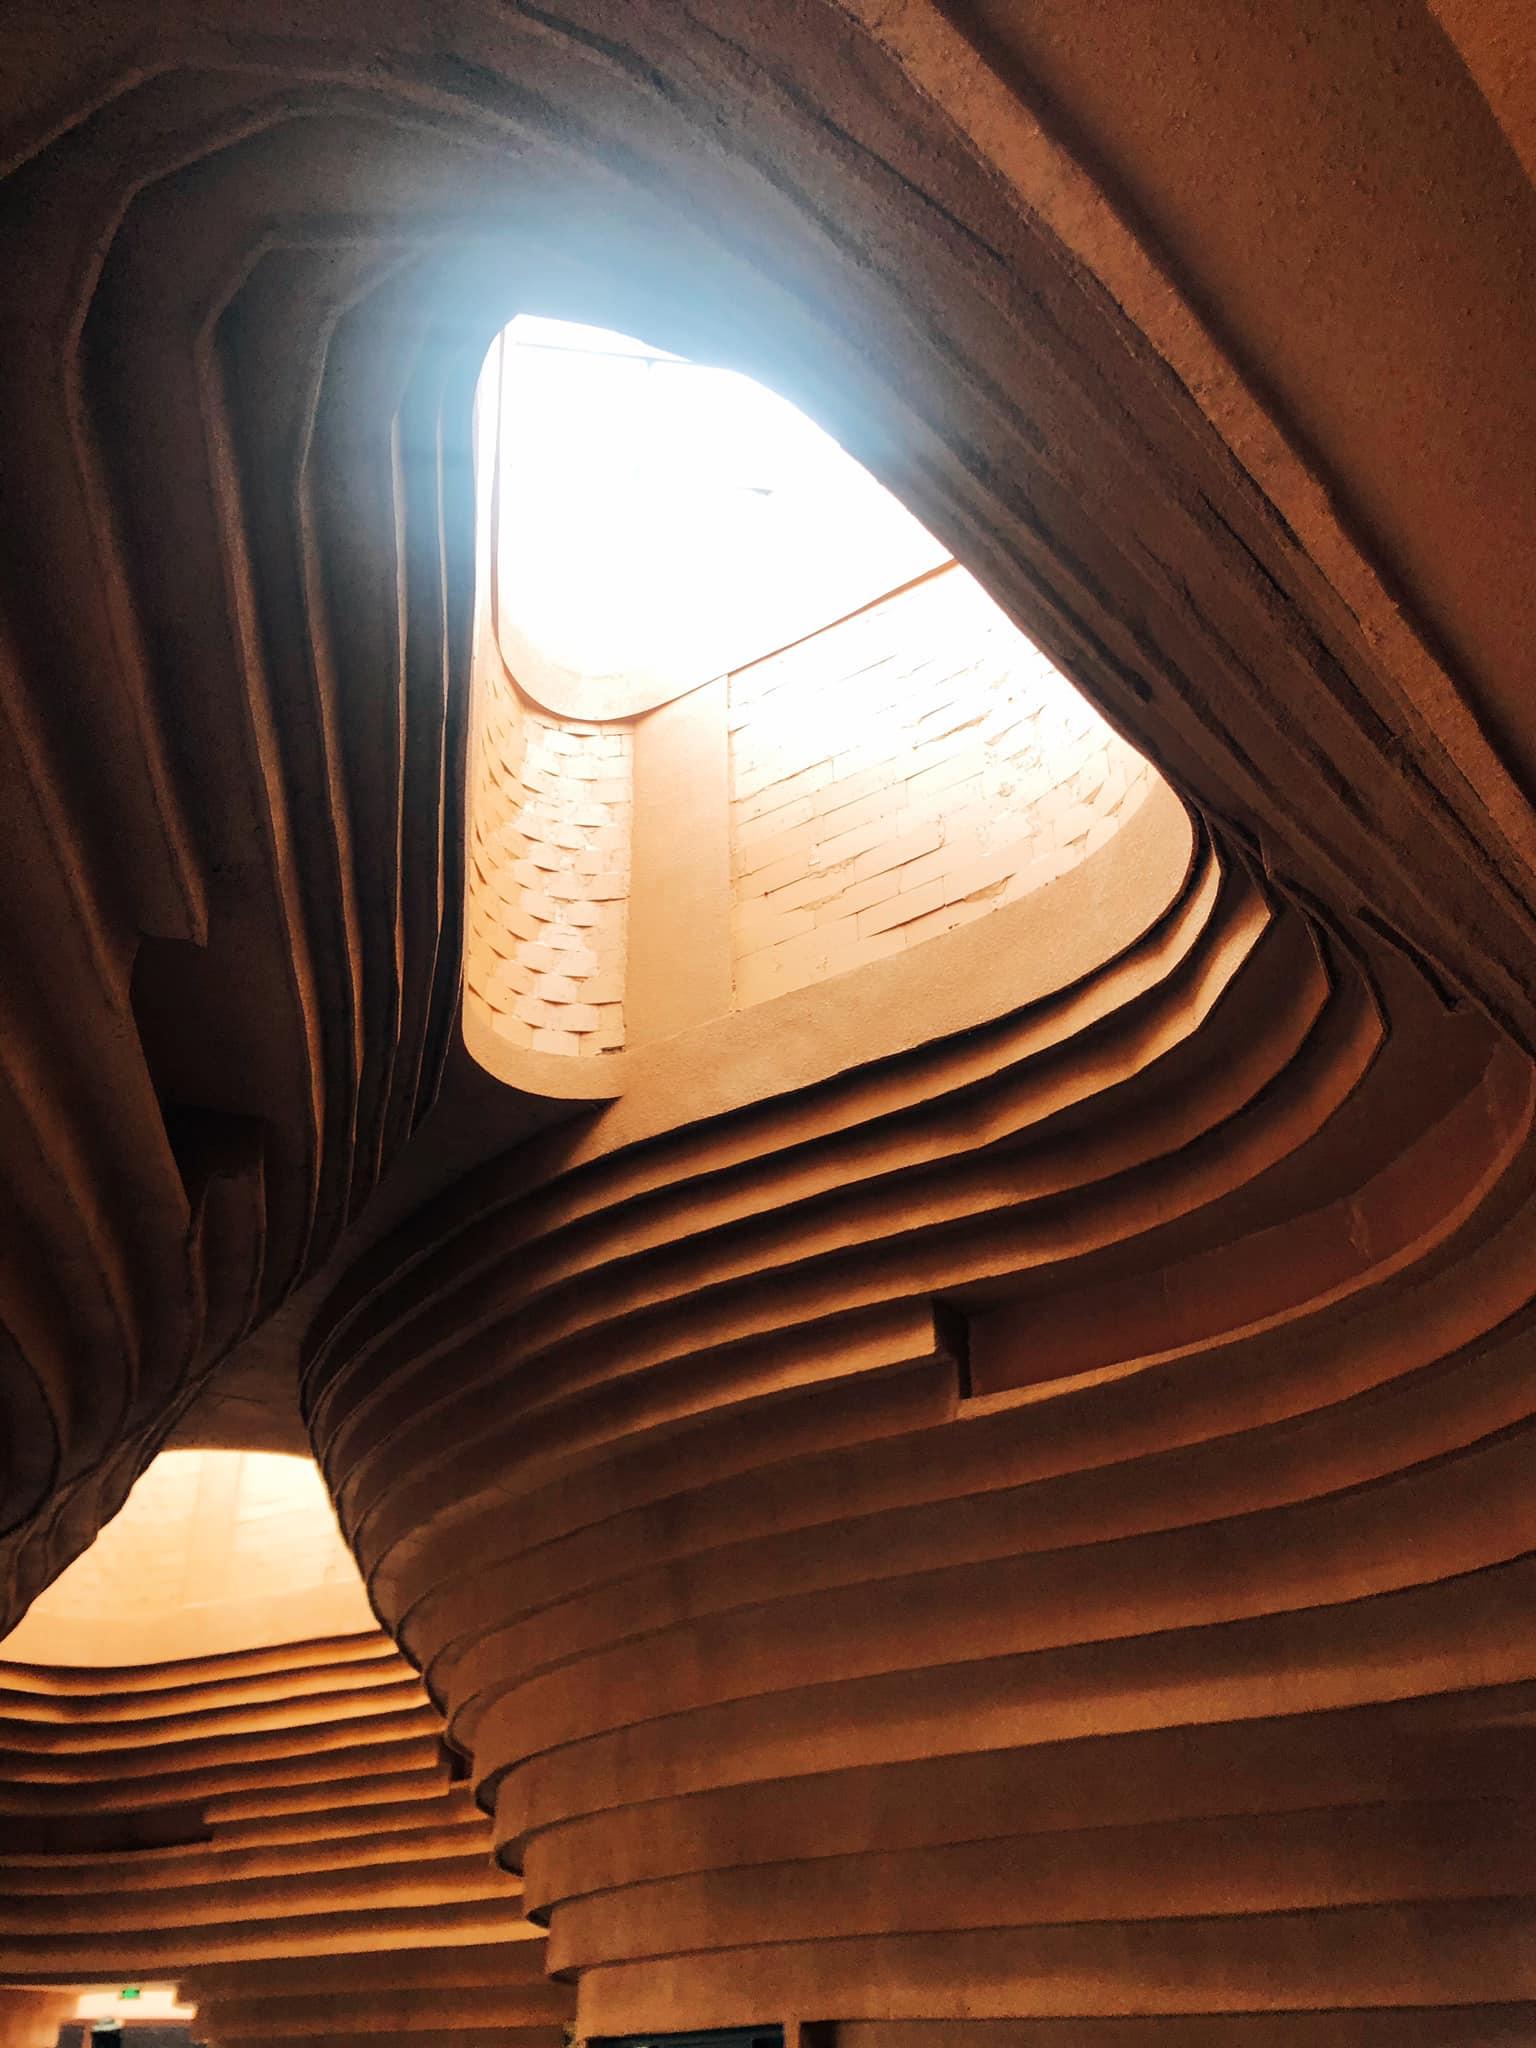 Kiến trúc trần vô cùng độc đáo